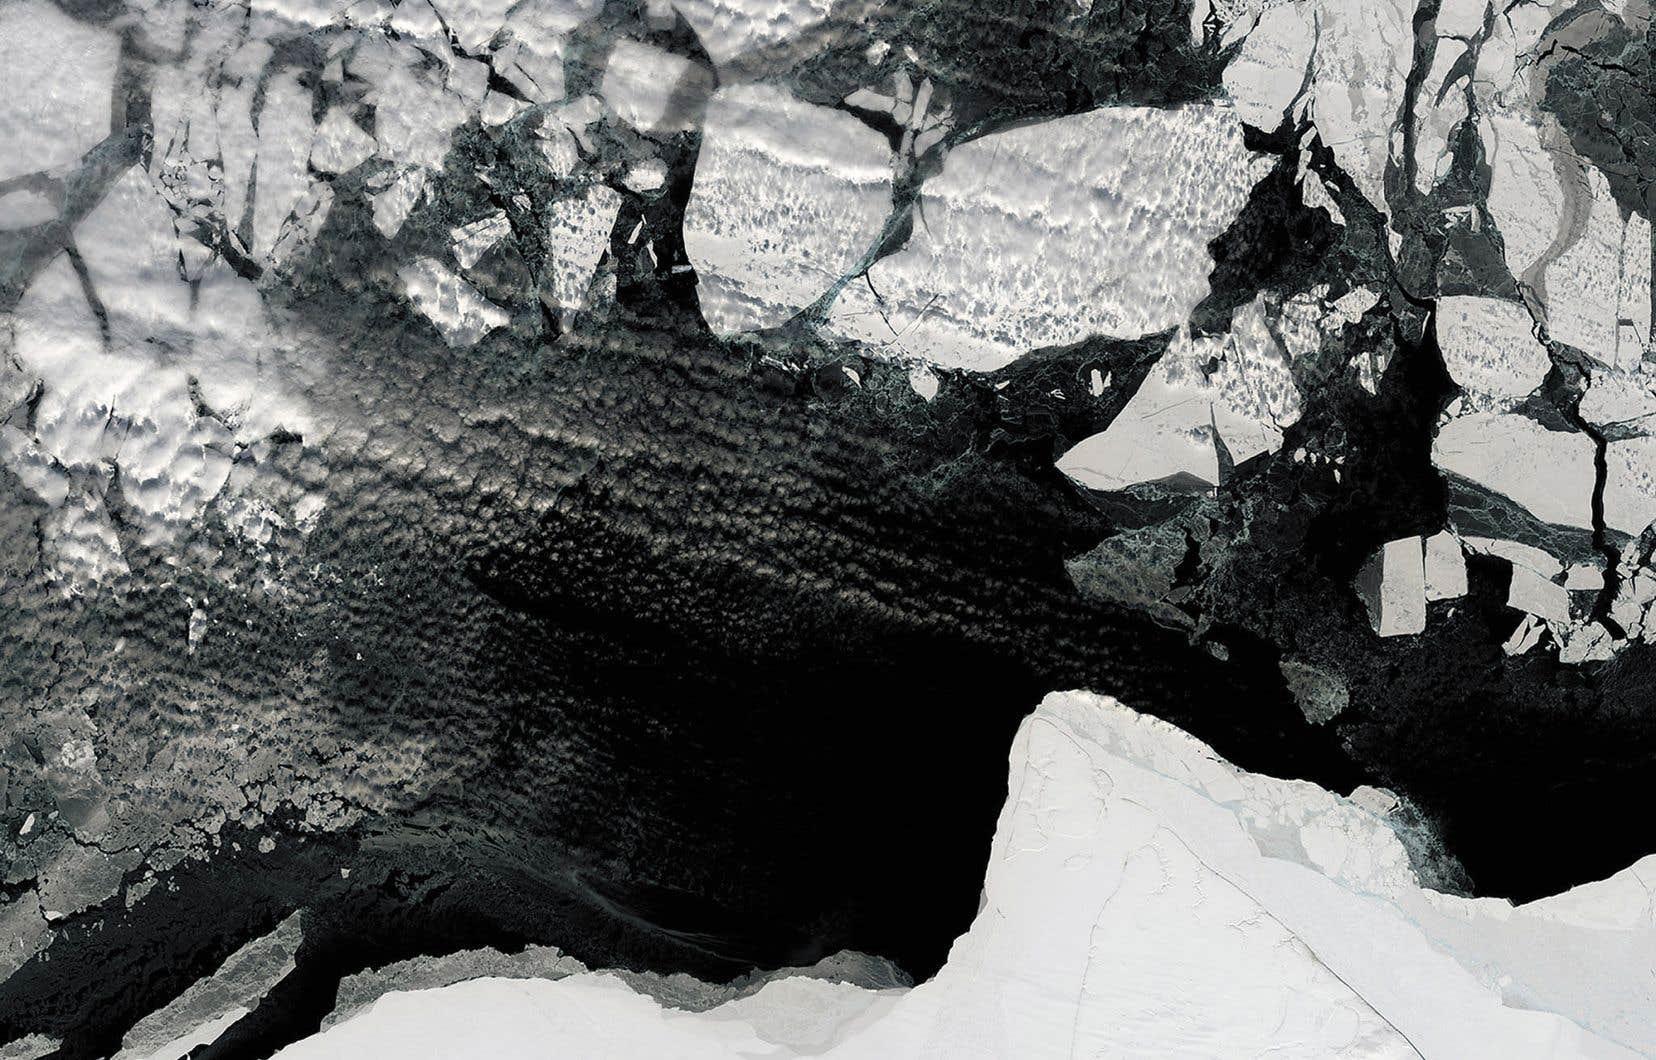 Les régions polaires subissent certains des effets les plus intenses des changements climatiques. Sur cette photo d'avril 2016, la glace de mer se fragmente plus tôt dans la saison qu'à l'habitube.